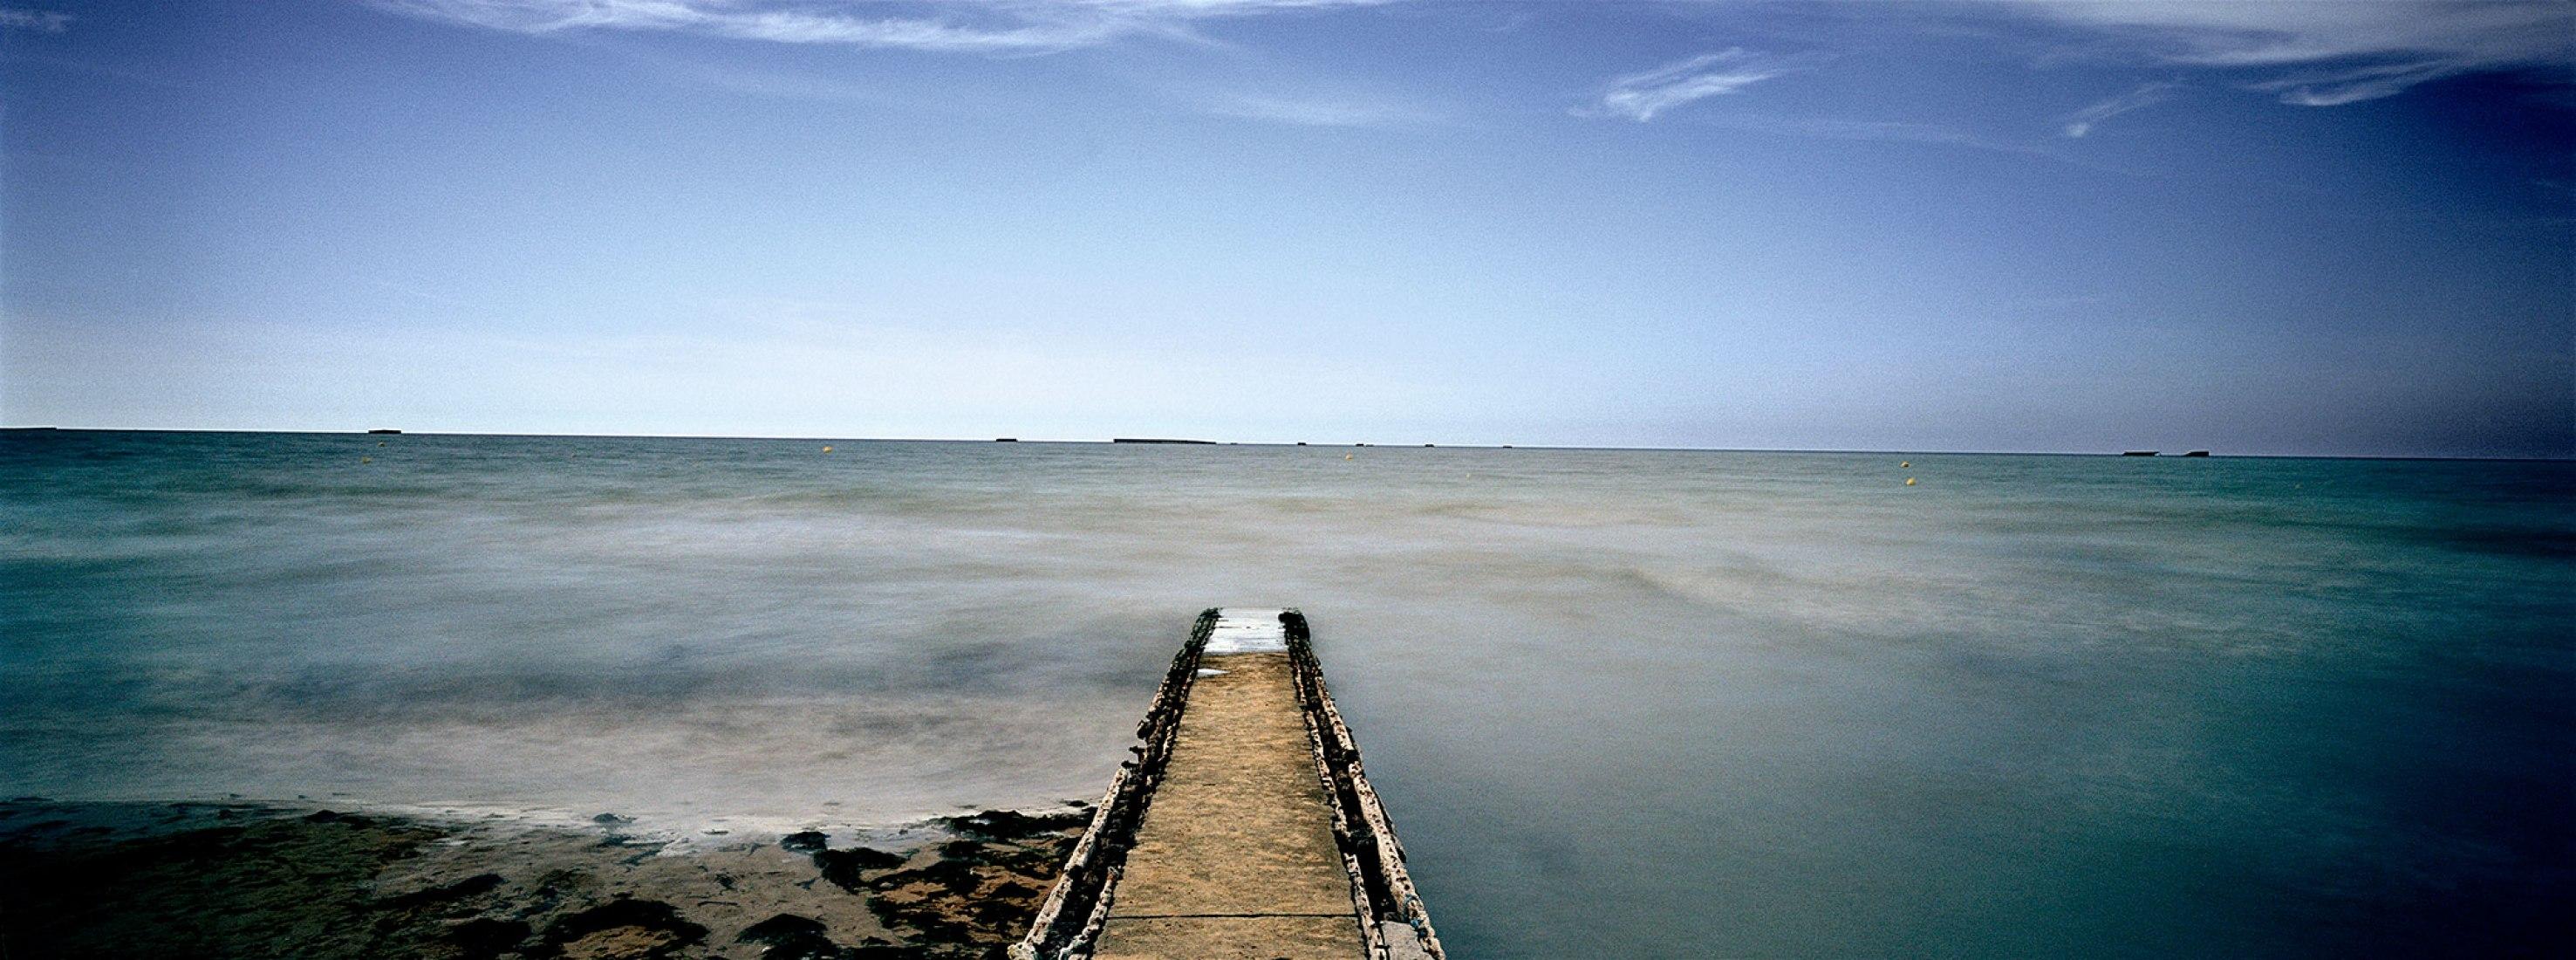 Eduardo Nave. Normandie: les rivages du débarquement © Eduardo Nave, VEGAP, Madrid, 2019